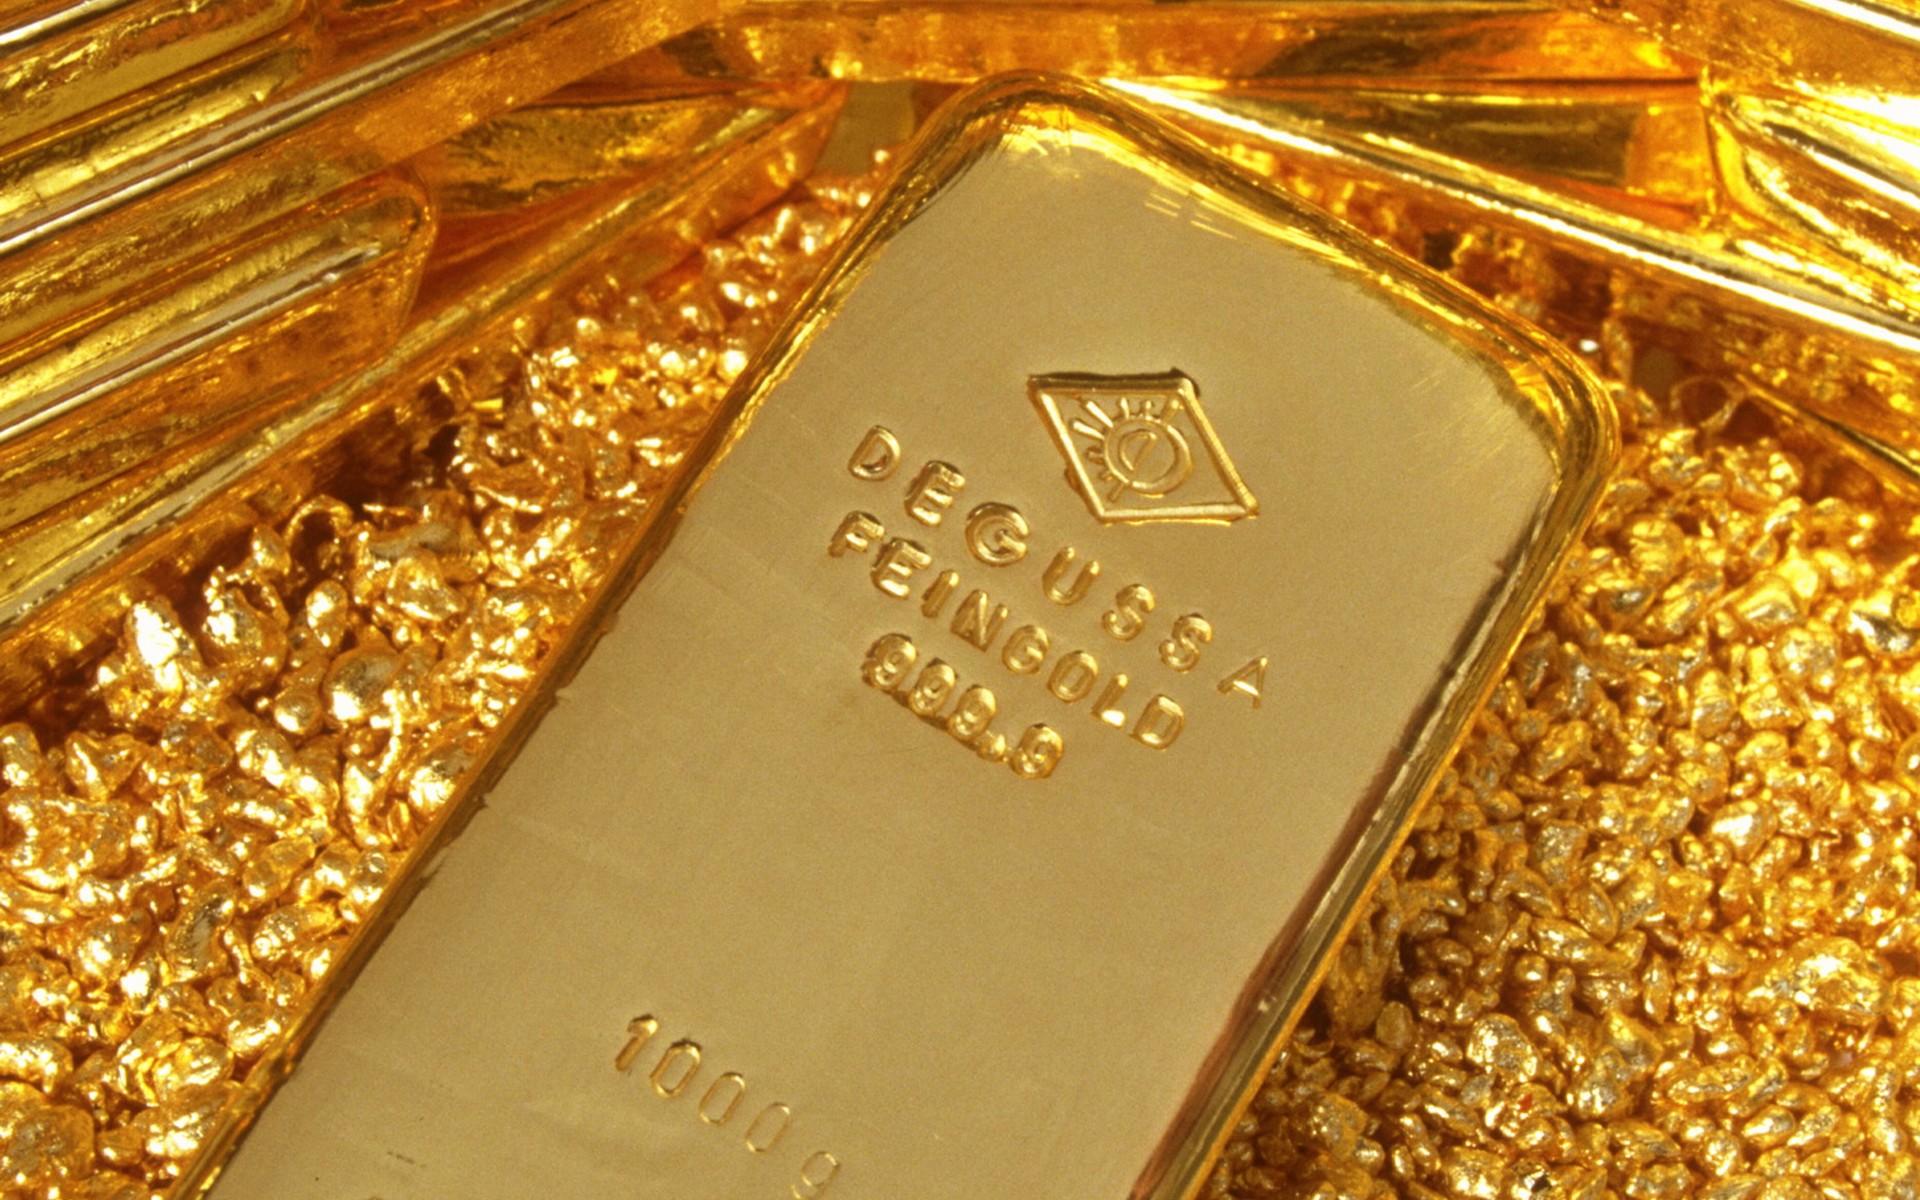 ارتفاع الذهب إلى أعلى مستوياته منذ مارس